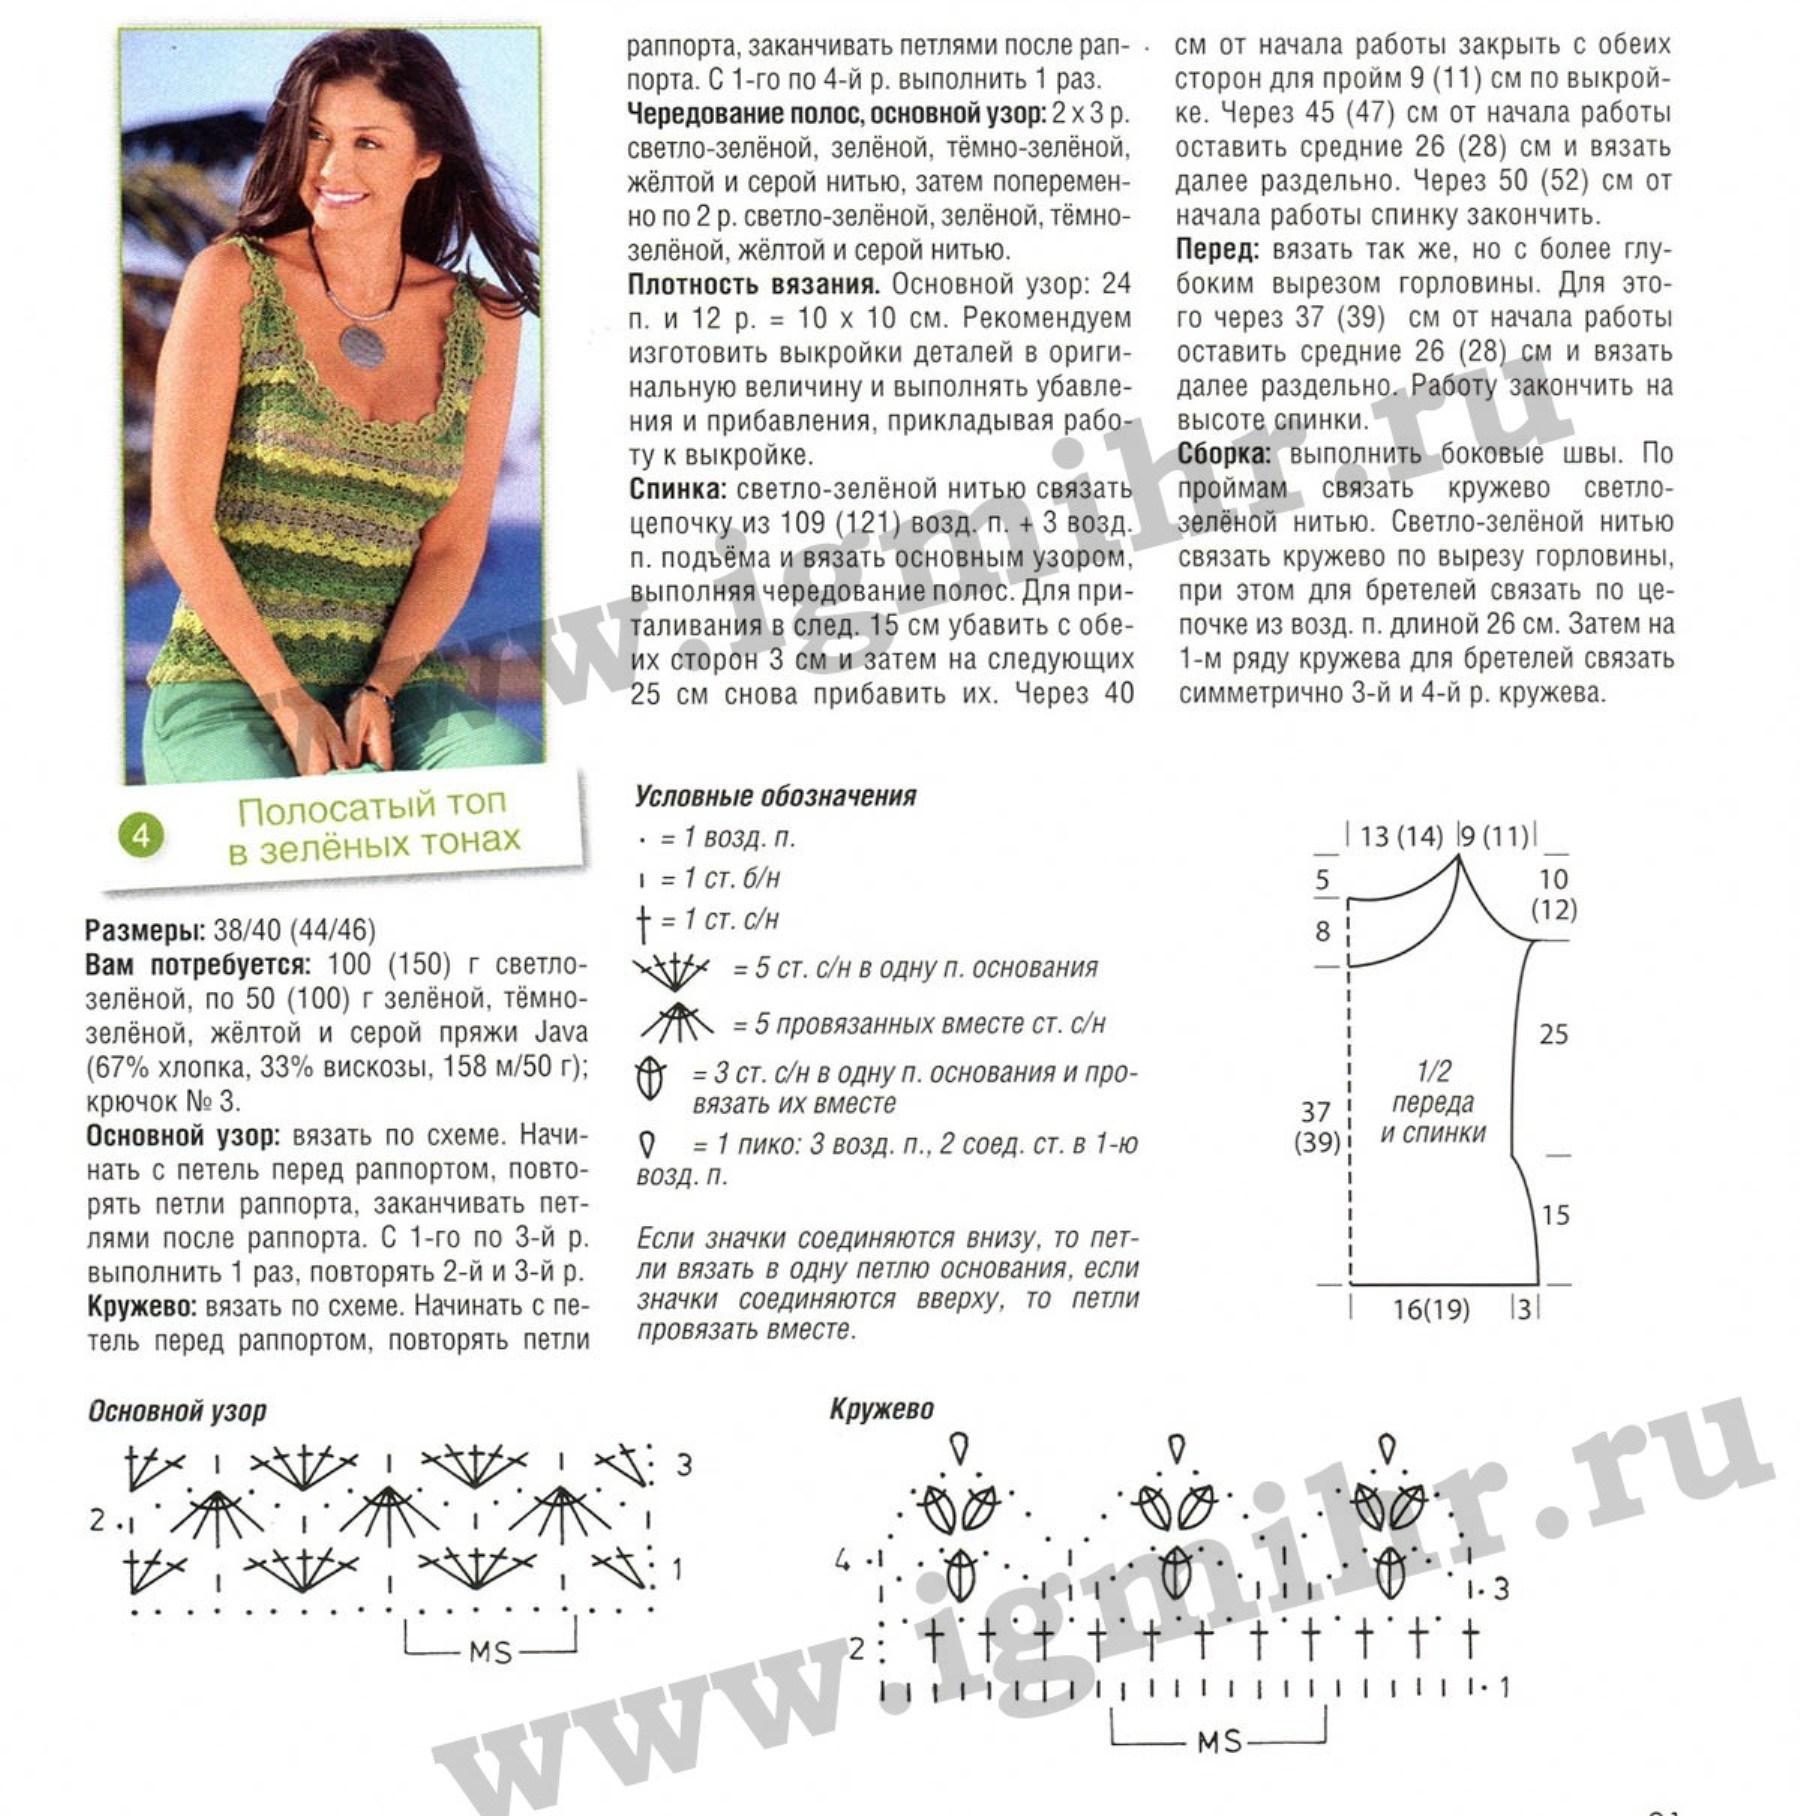 0590_МДсп.8.13 (4)a